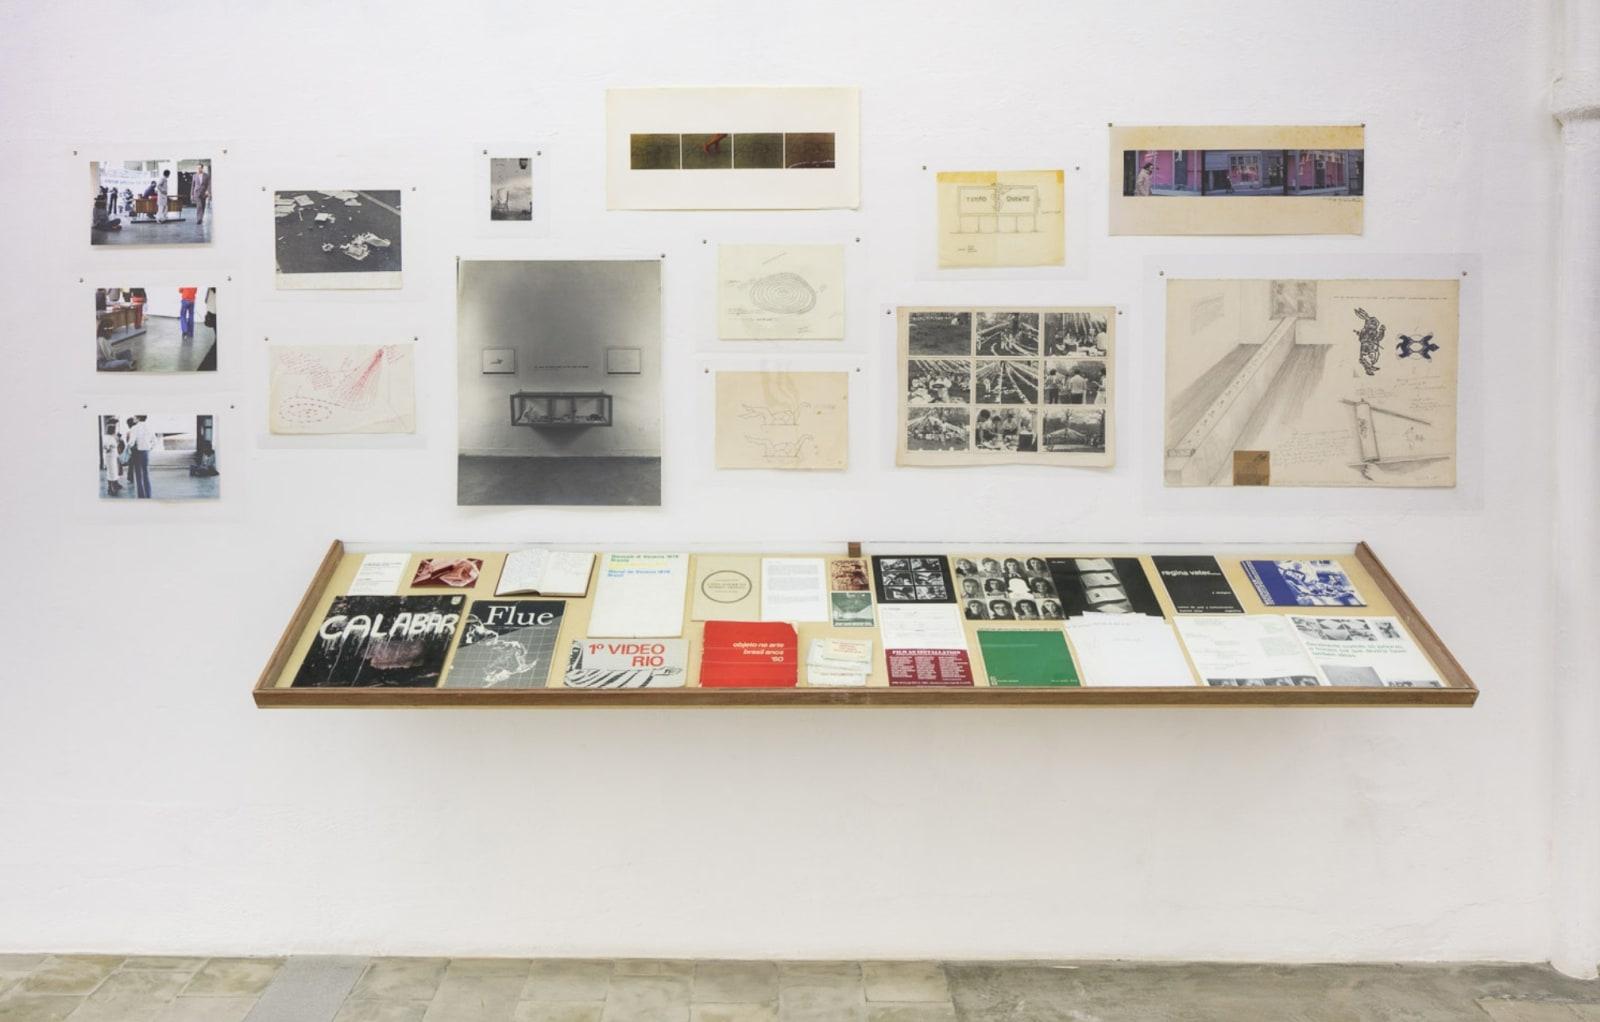 Regina Vater, exhibition view at Galeria Jaqueline Martins, São Paulo, 2018